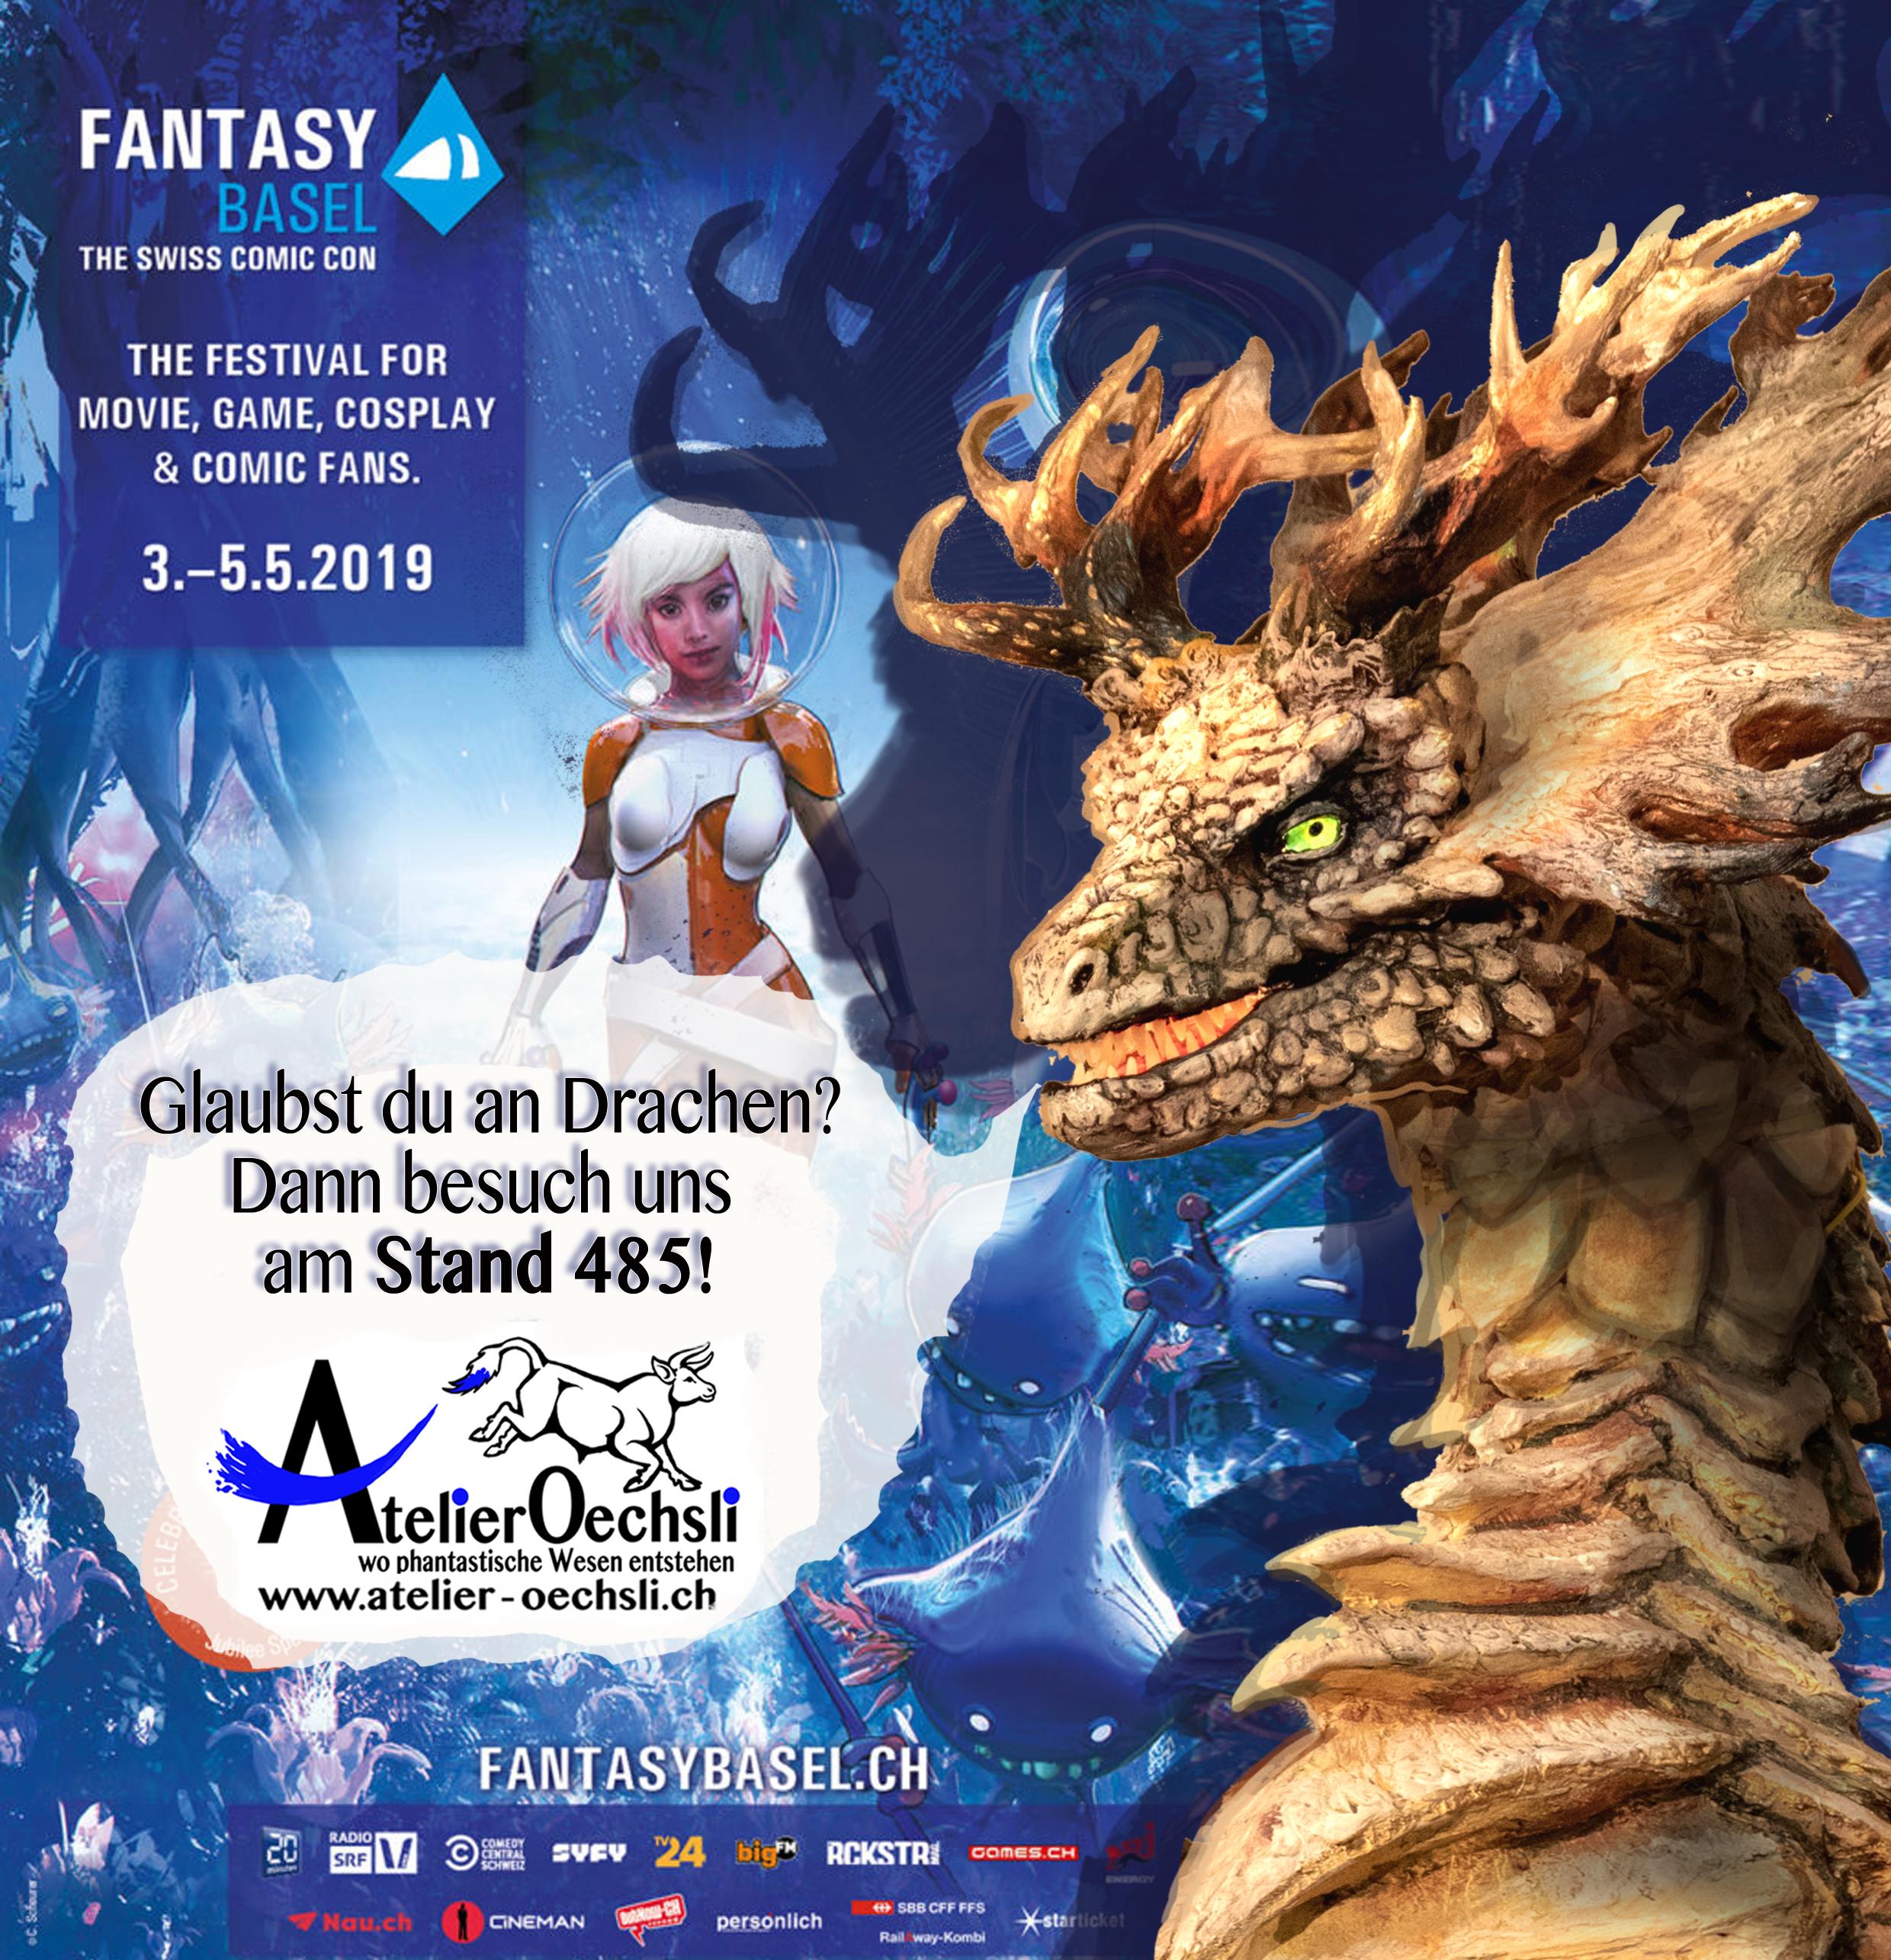 Fantasy Basel 2019 Flyer